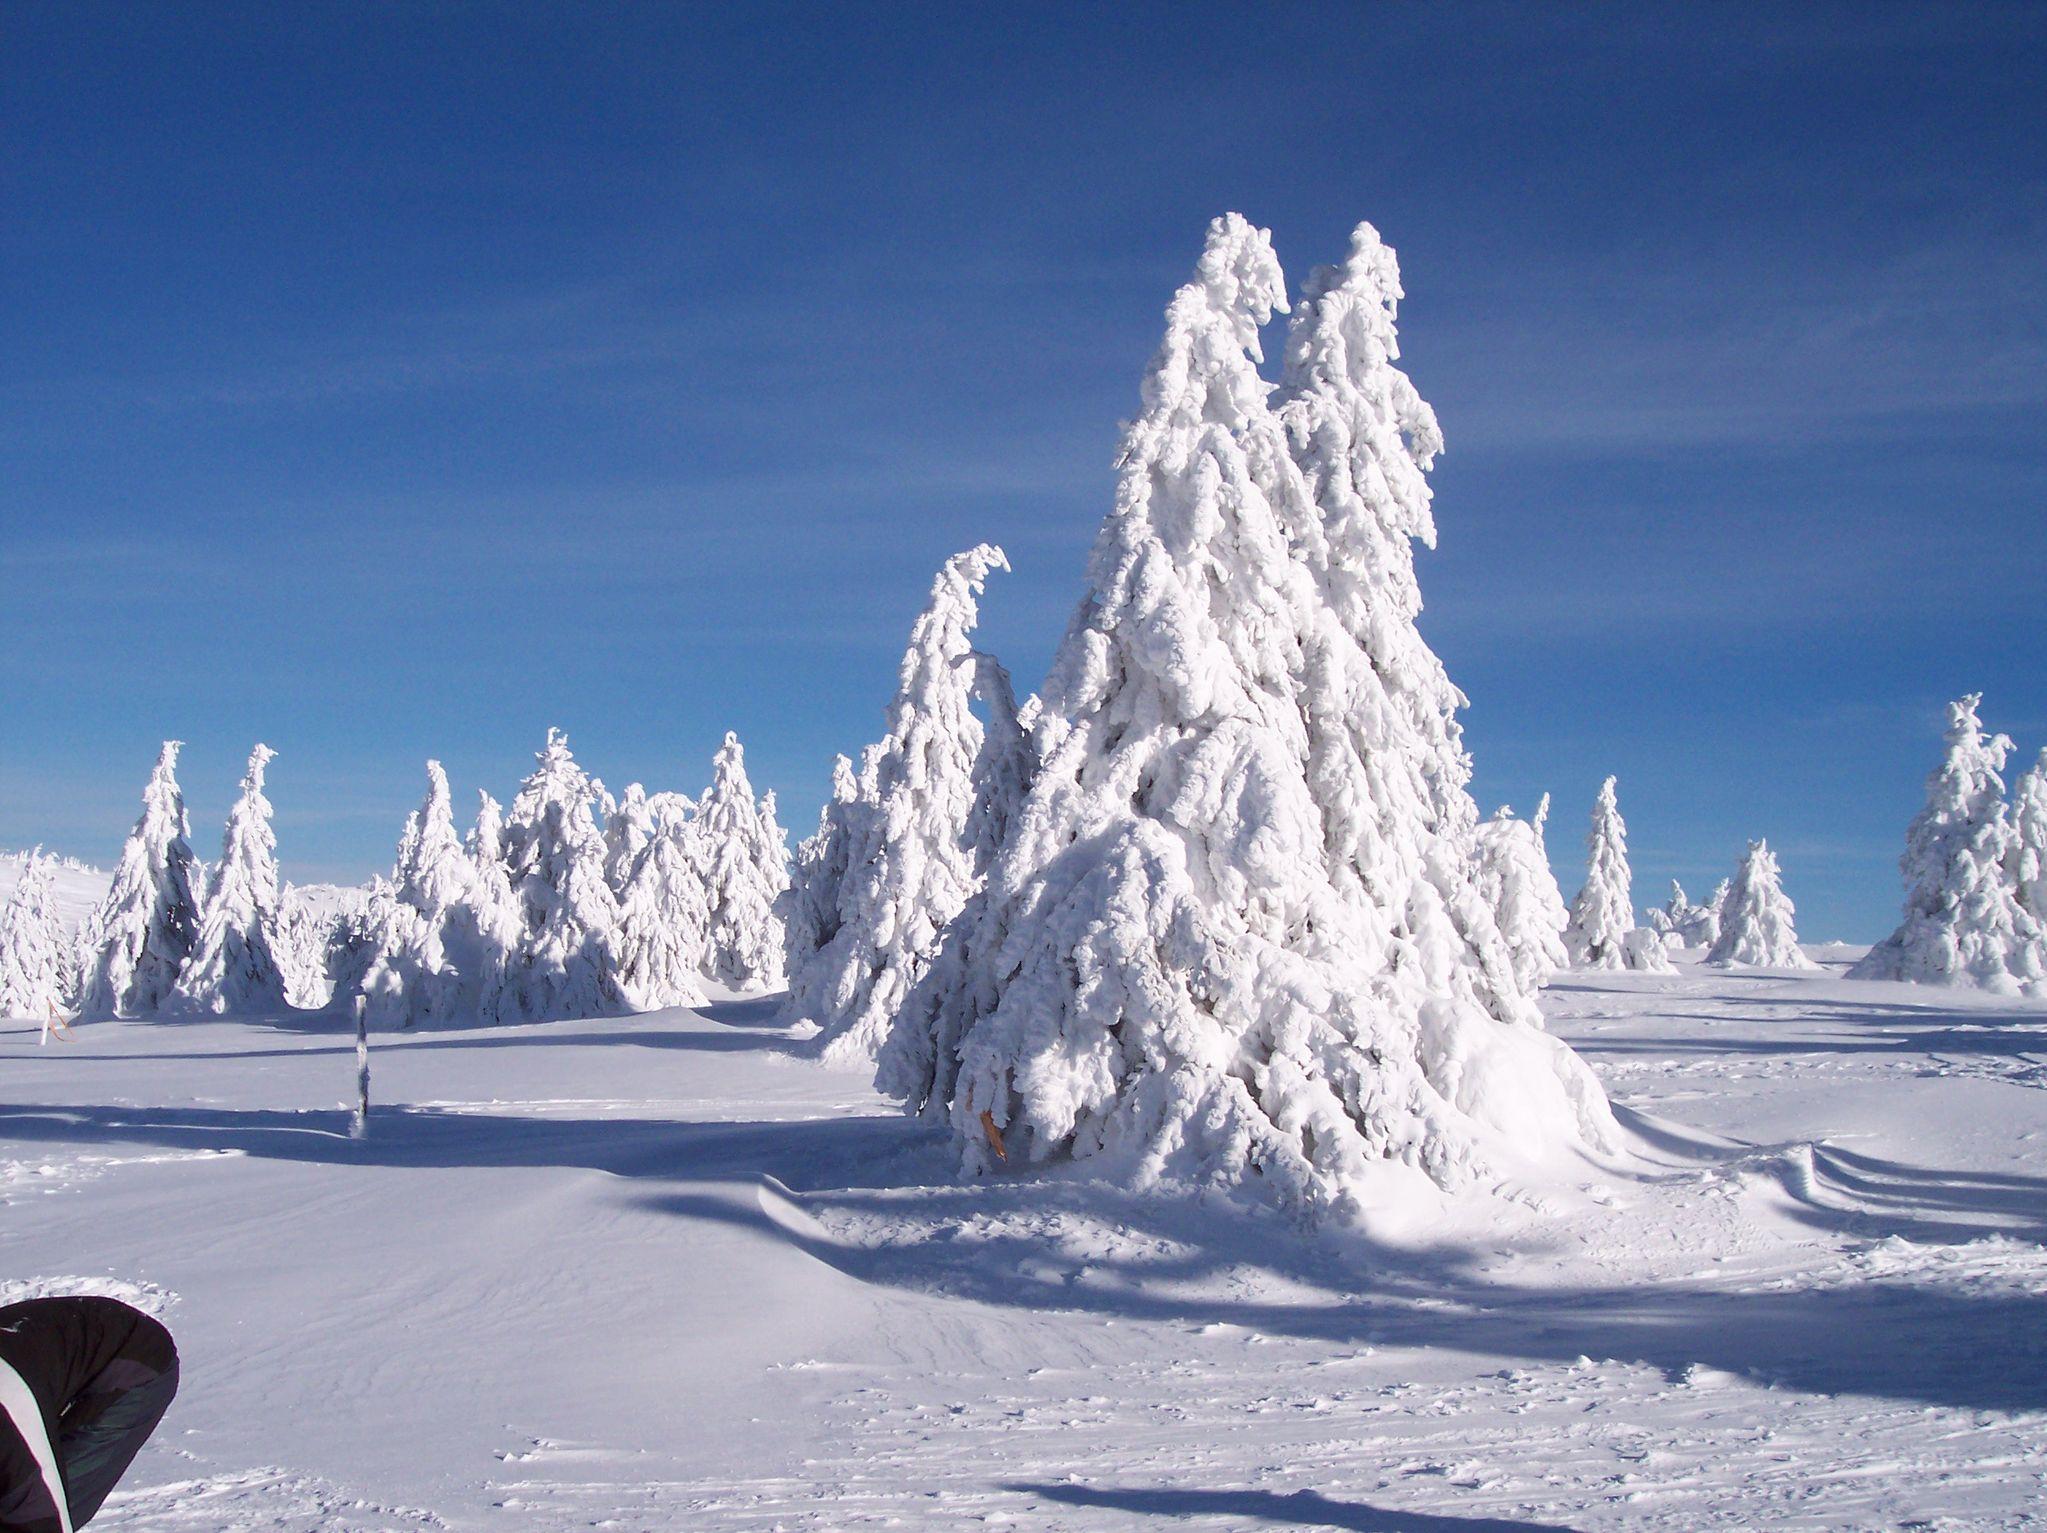 Fresh snowfall in Serbia, Kopaonik